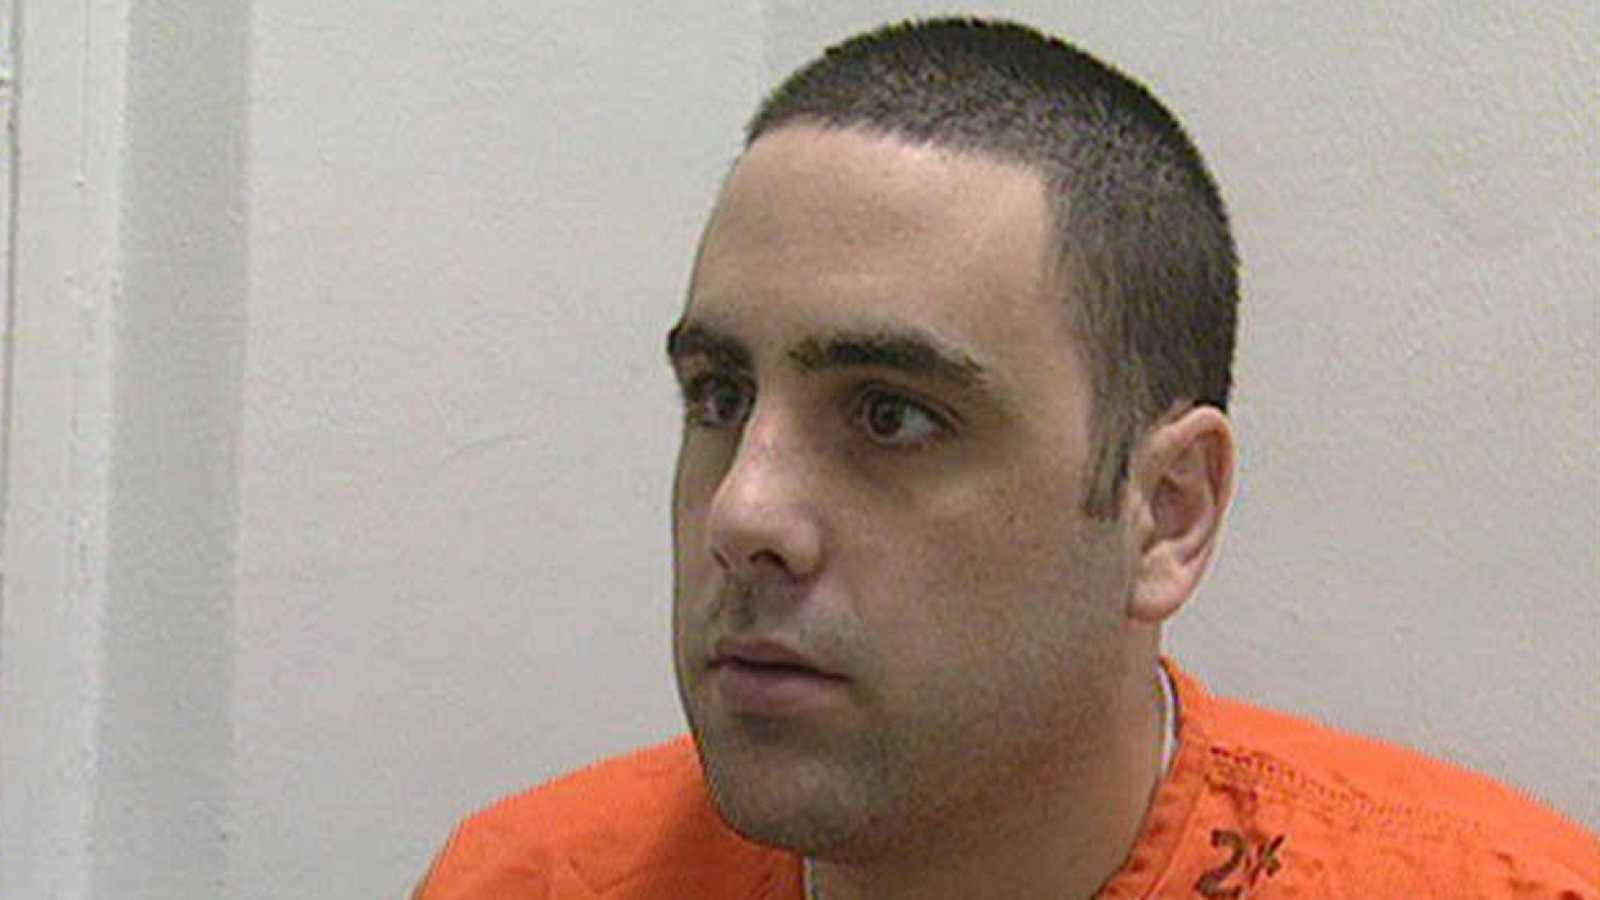 Pablo Ibar saldrá del corredor de la muerte y tendrá que someterse a un nuevo juicio